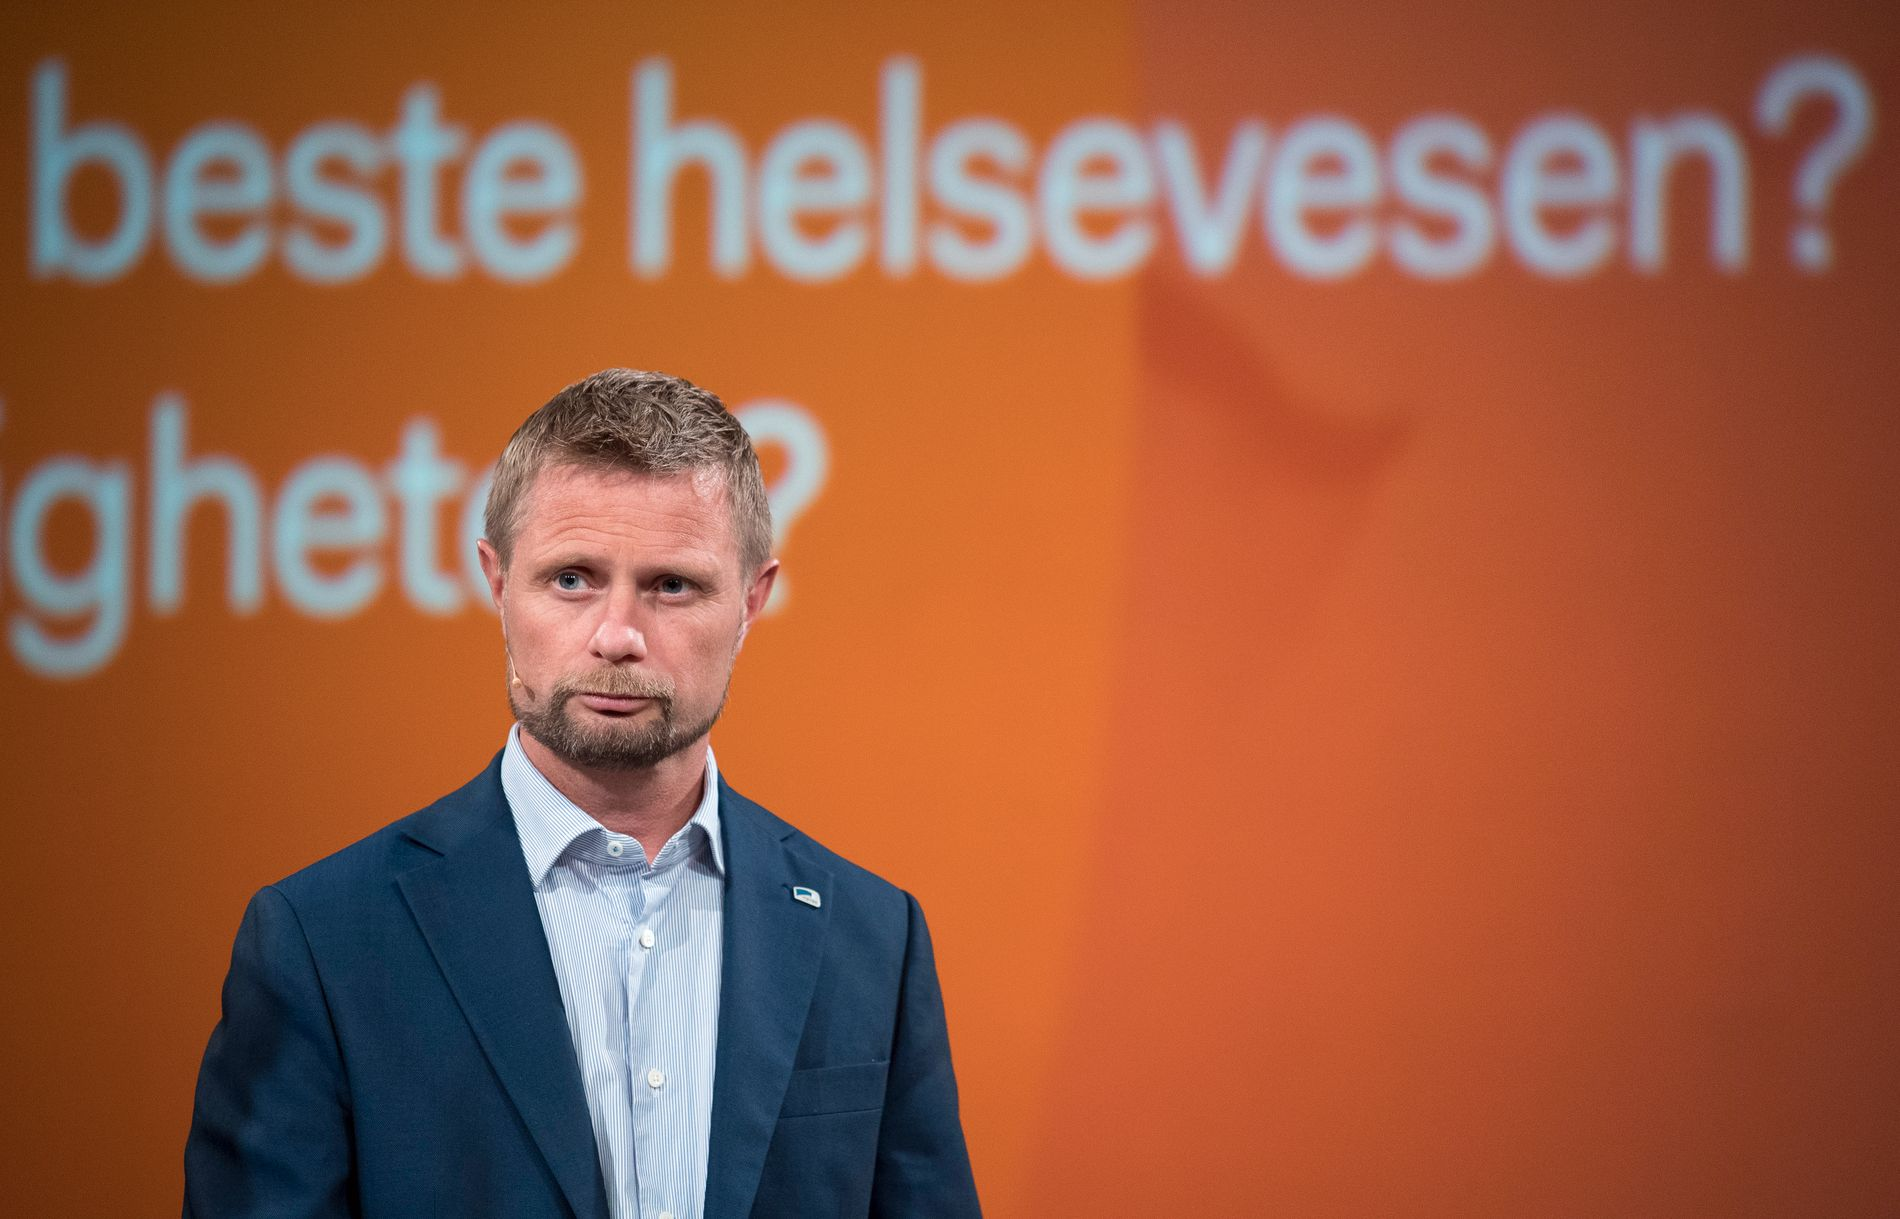 SERVIL: Regjeringen og helseminister Bent Høie (H) har godtatt  legemiddelindustriens krav om hemmelige medisinpriser. Det er ingen grunn til å opptre servilt overfor legemiddelindustrien, skriver BT på lederplass.